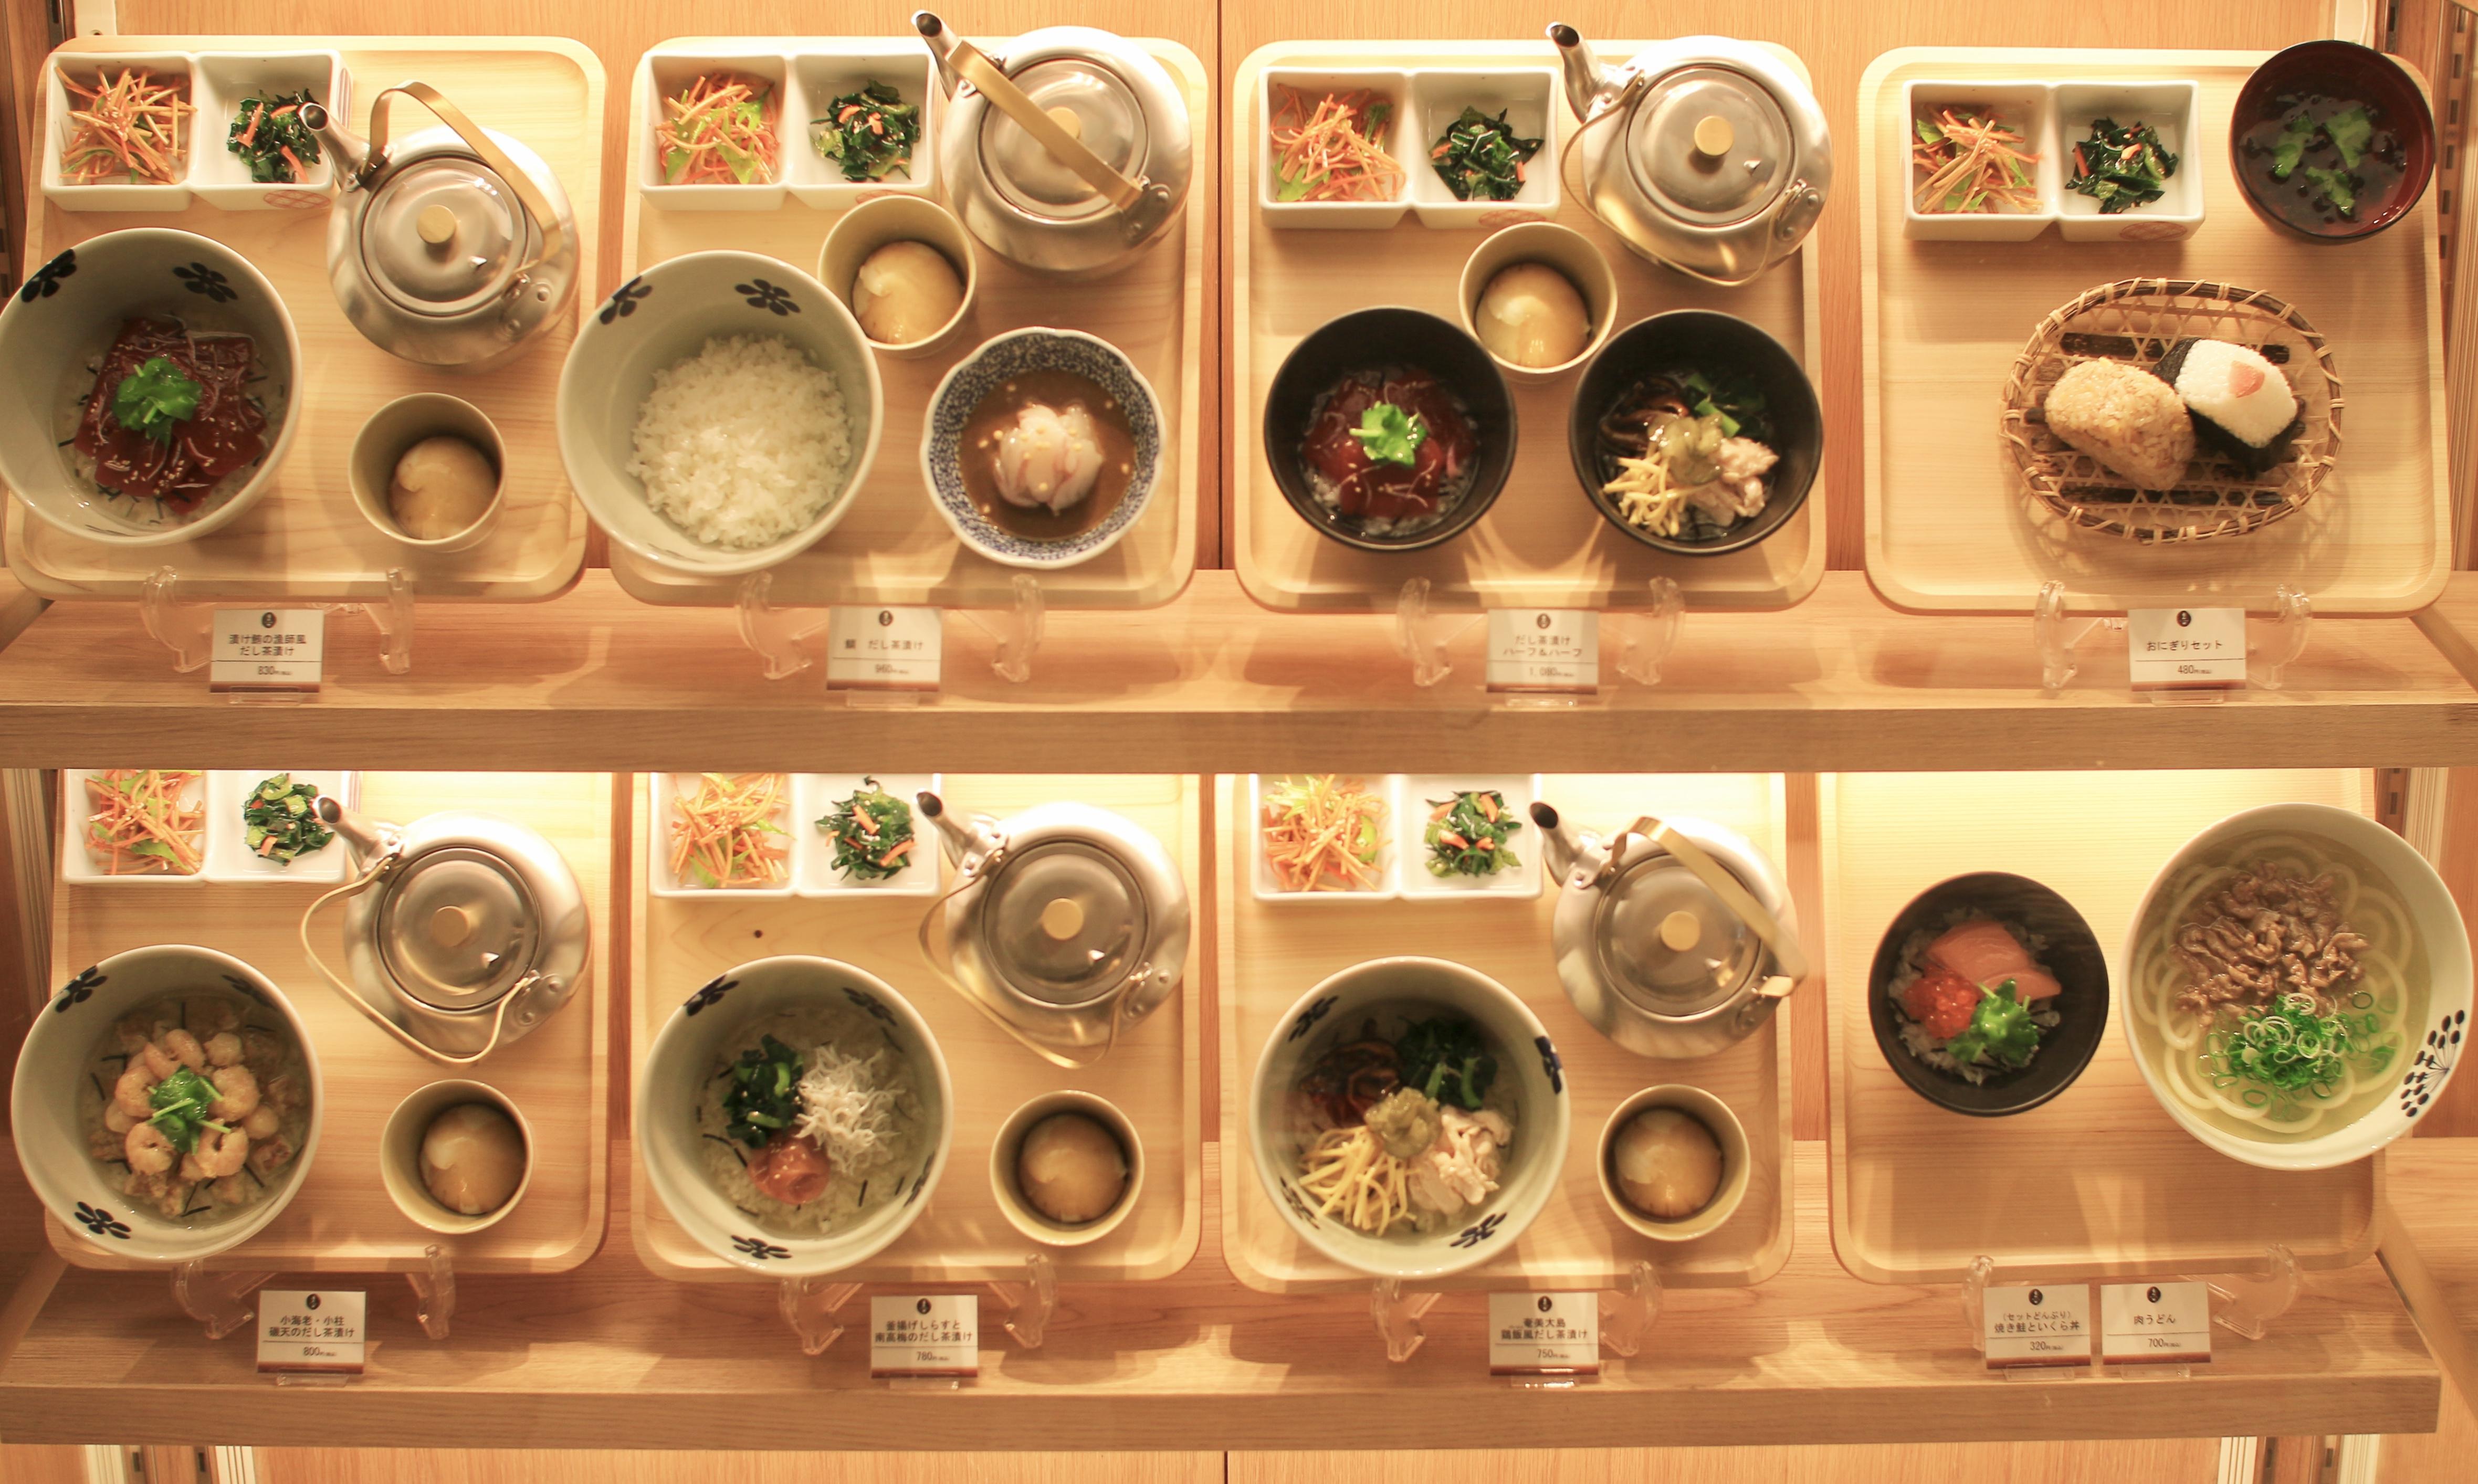 名古屋駅直結「タワーズプラザ レストラン街」がリニューアル!東海初出店のお店が続々オープン - fullsizeoutput cd